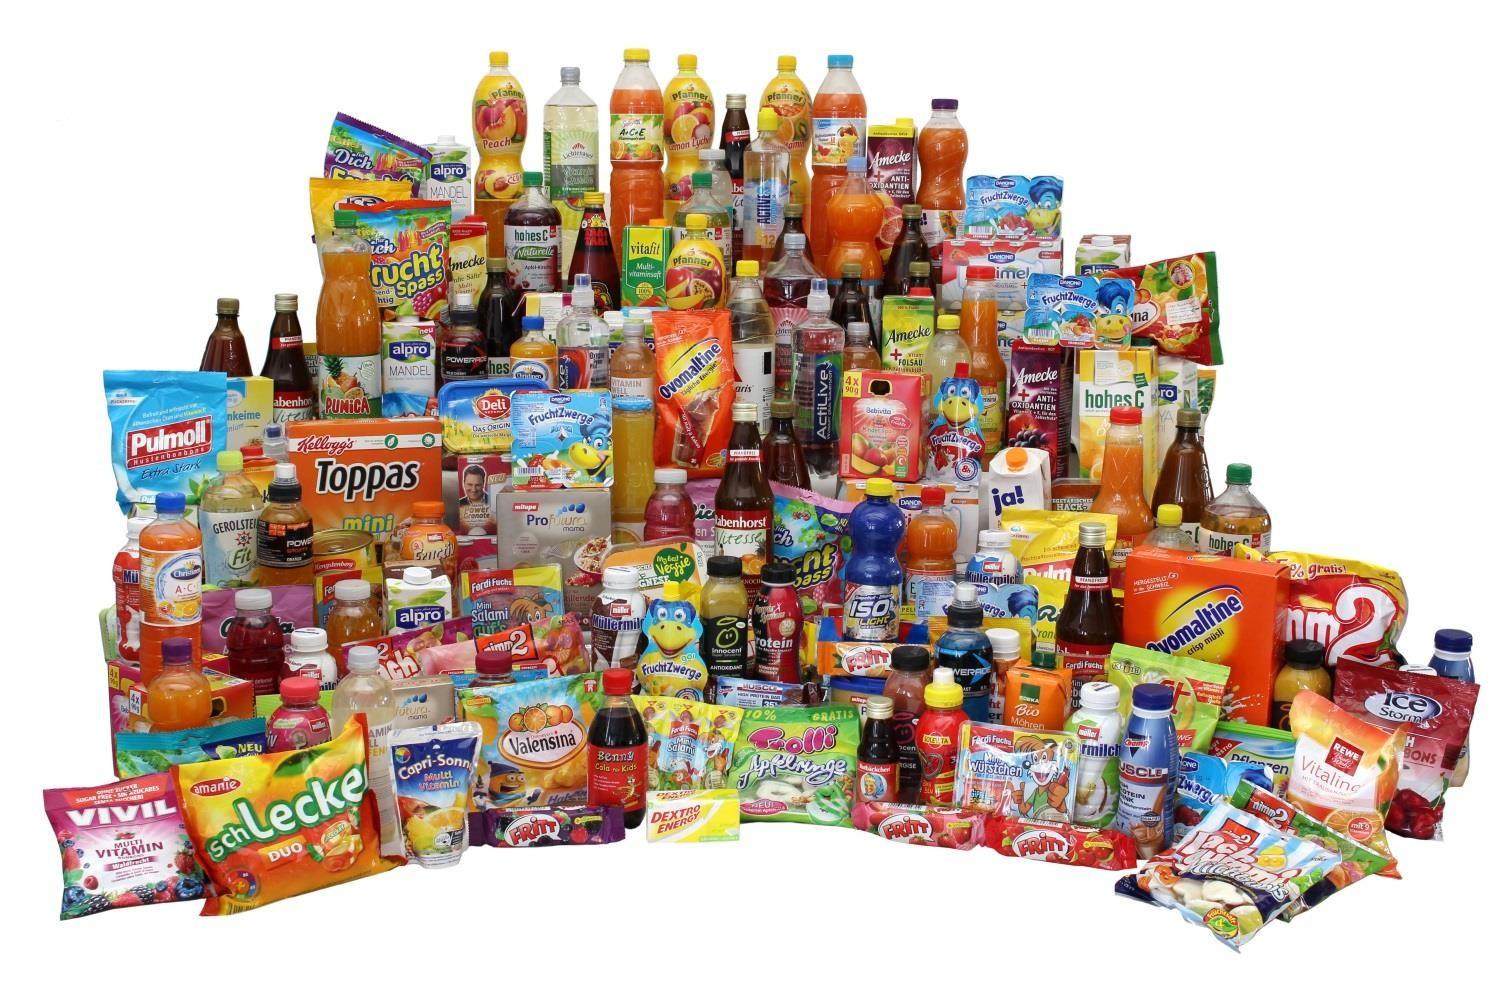 Un Healthy Snacks  Survey blasts industry & EU for allowing unhealthy foods